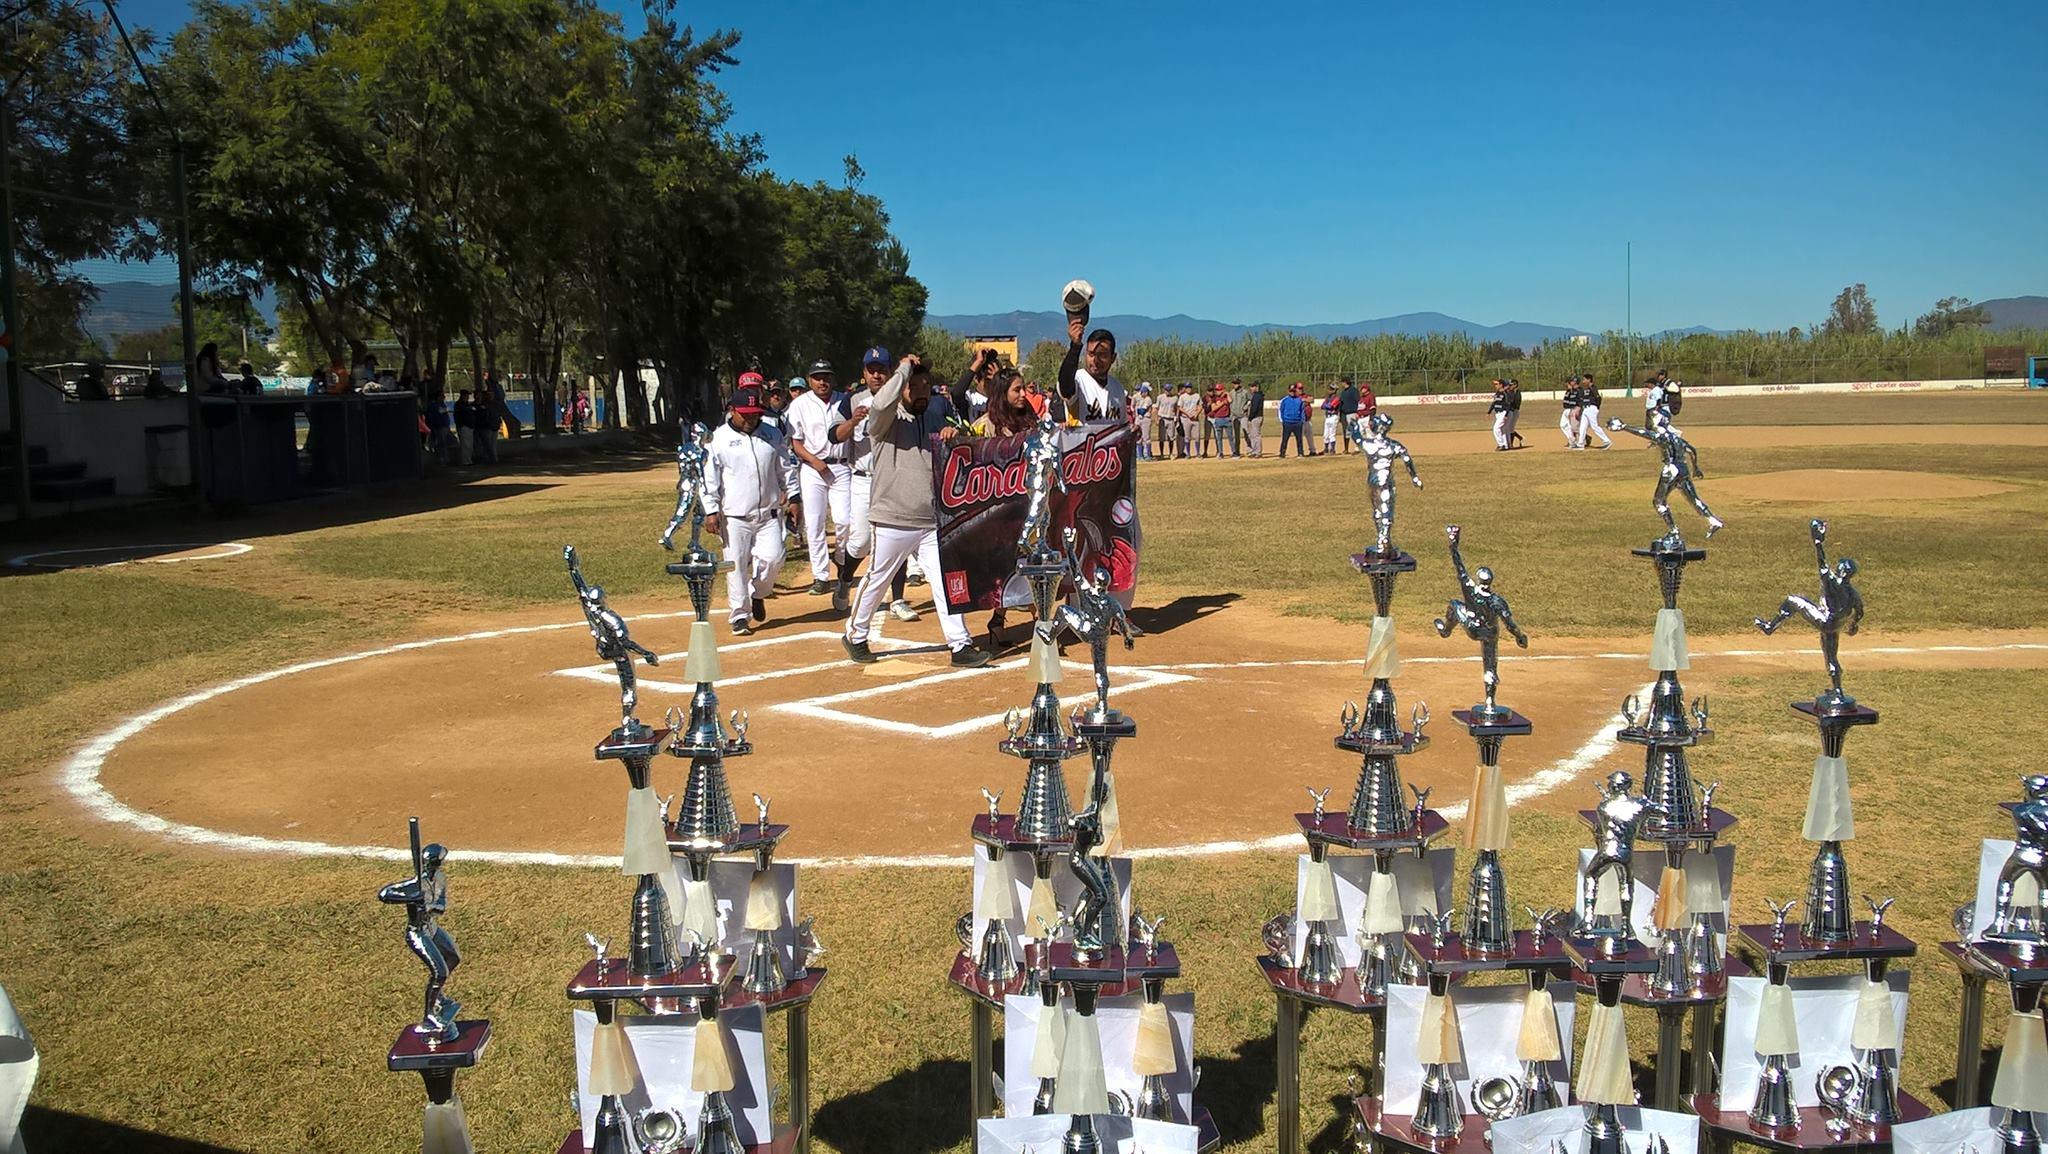 ¡Fiesta en el diamante! | El Imparcial de Oaxaca